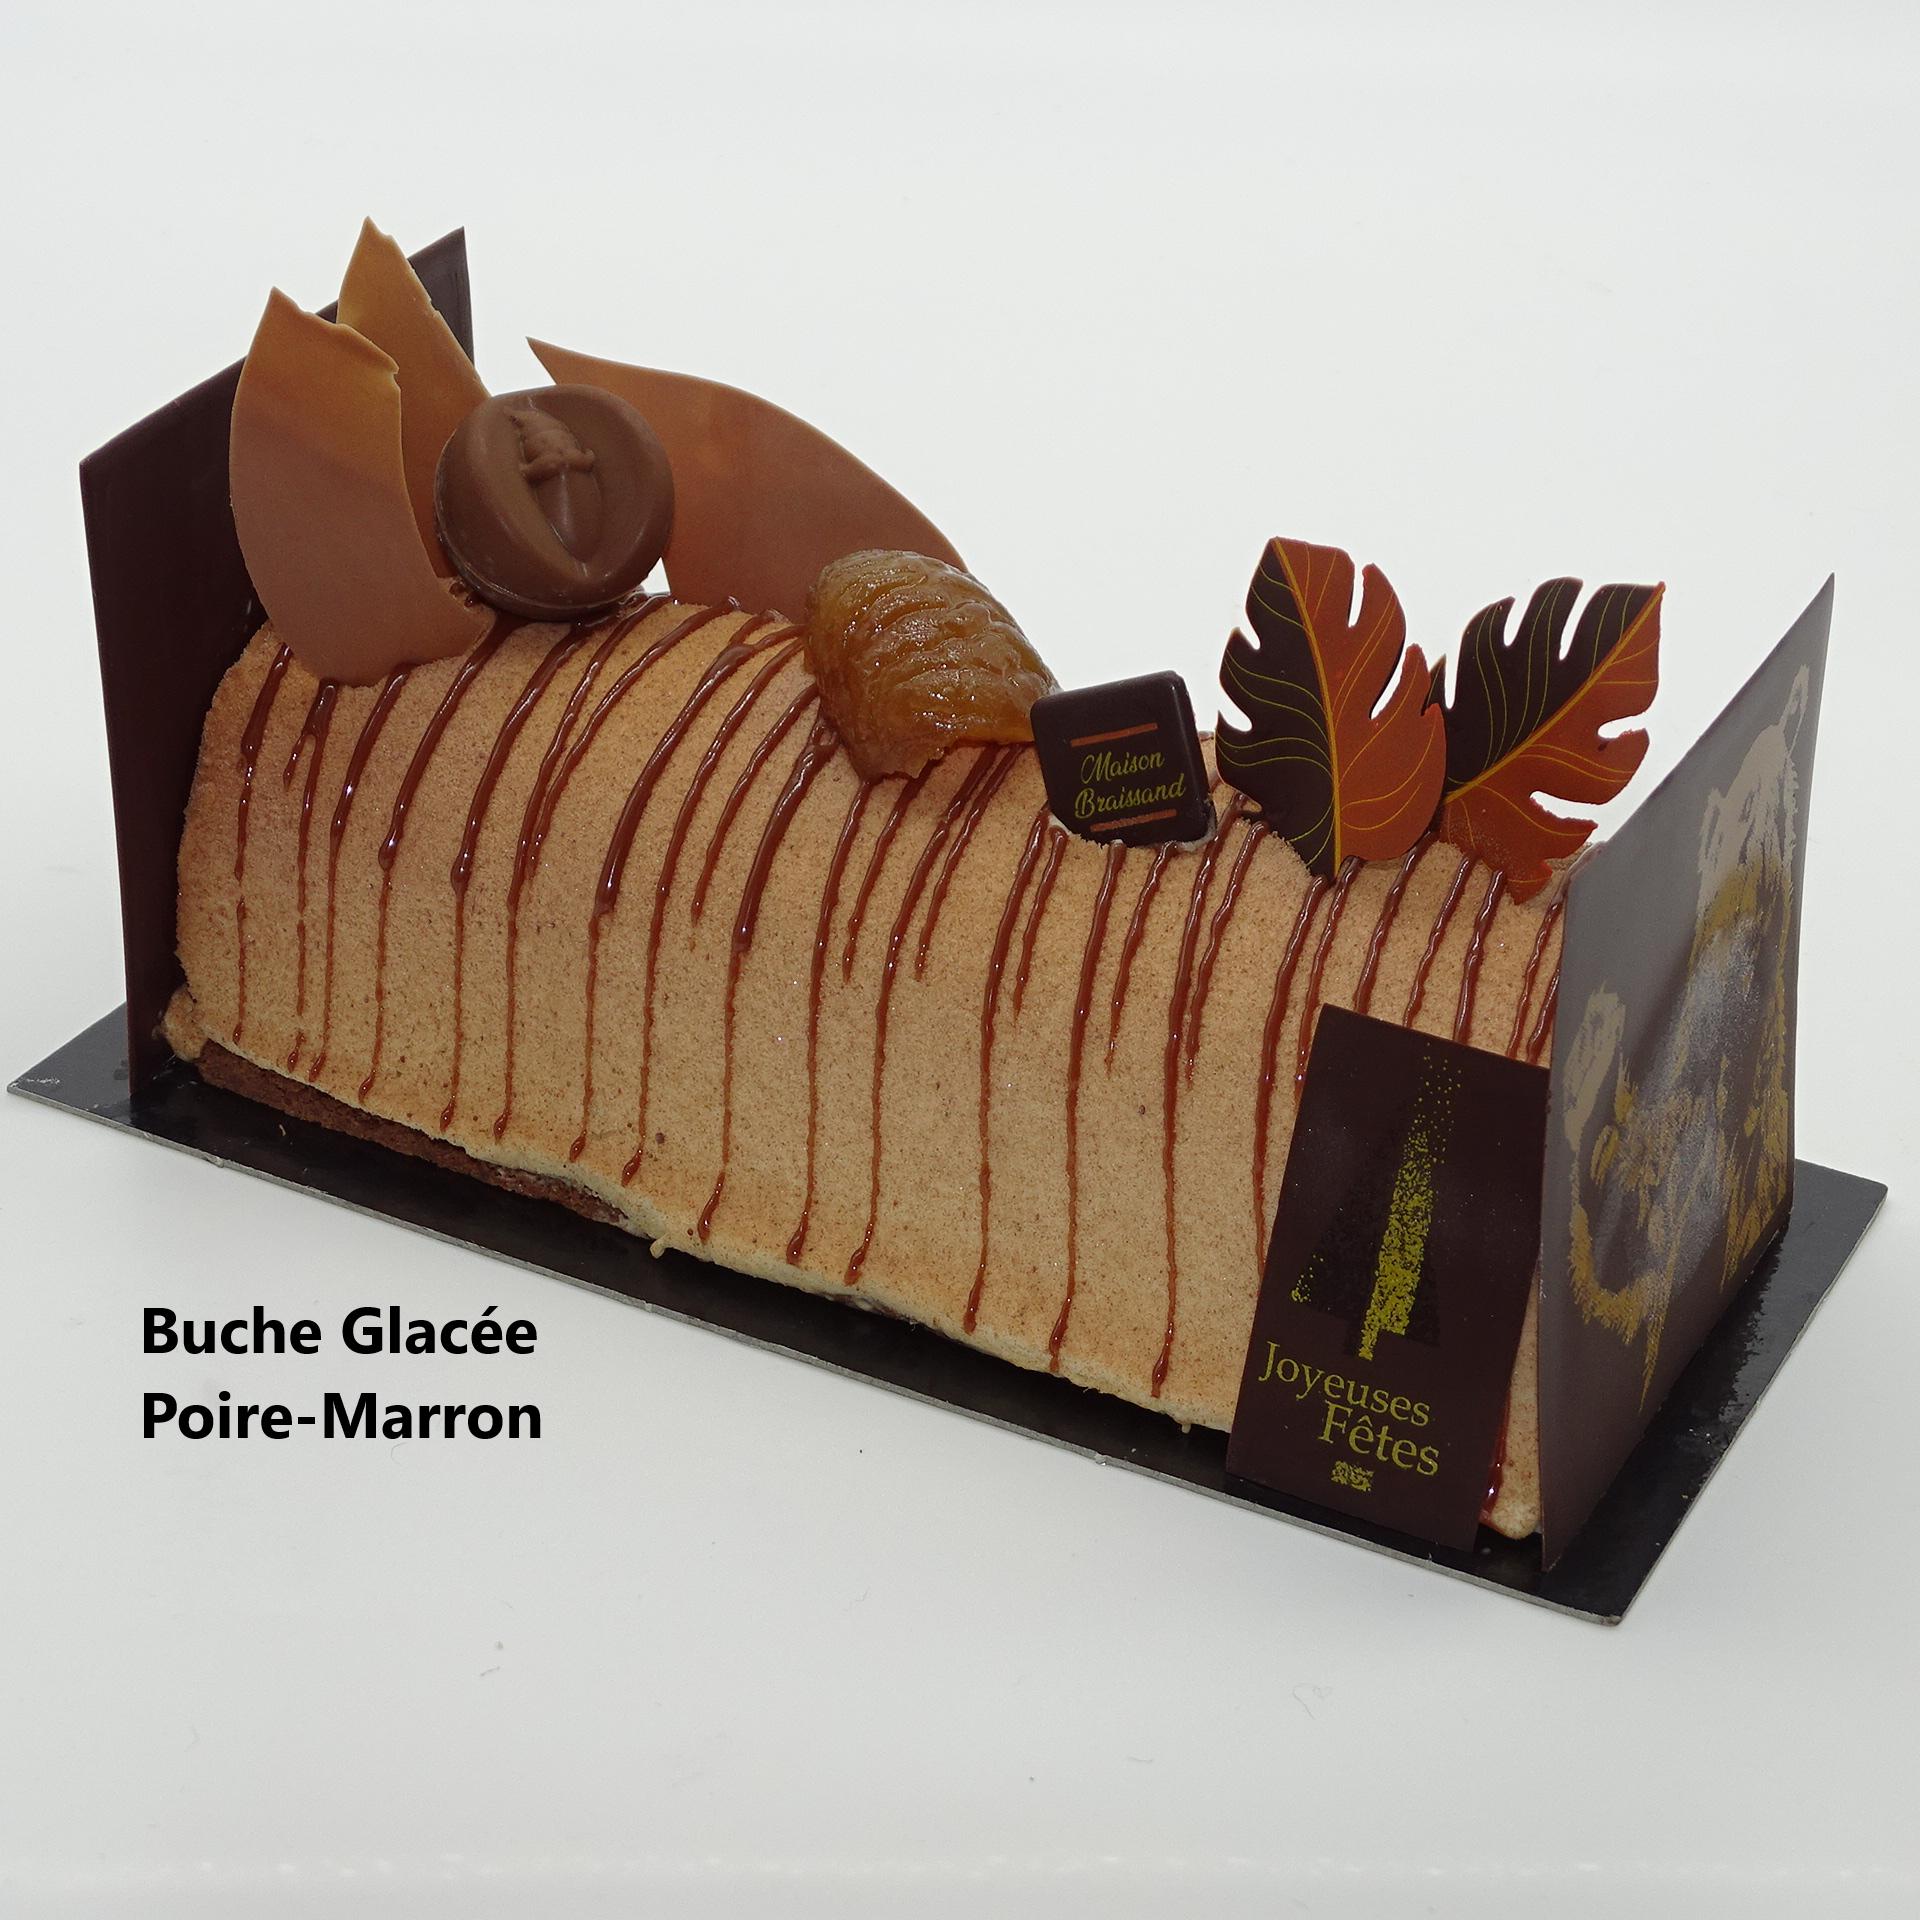 Buche Glacée Poire-Marron